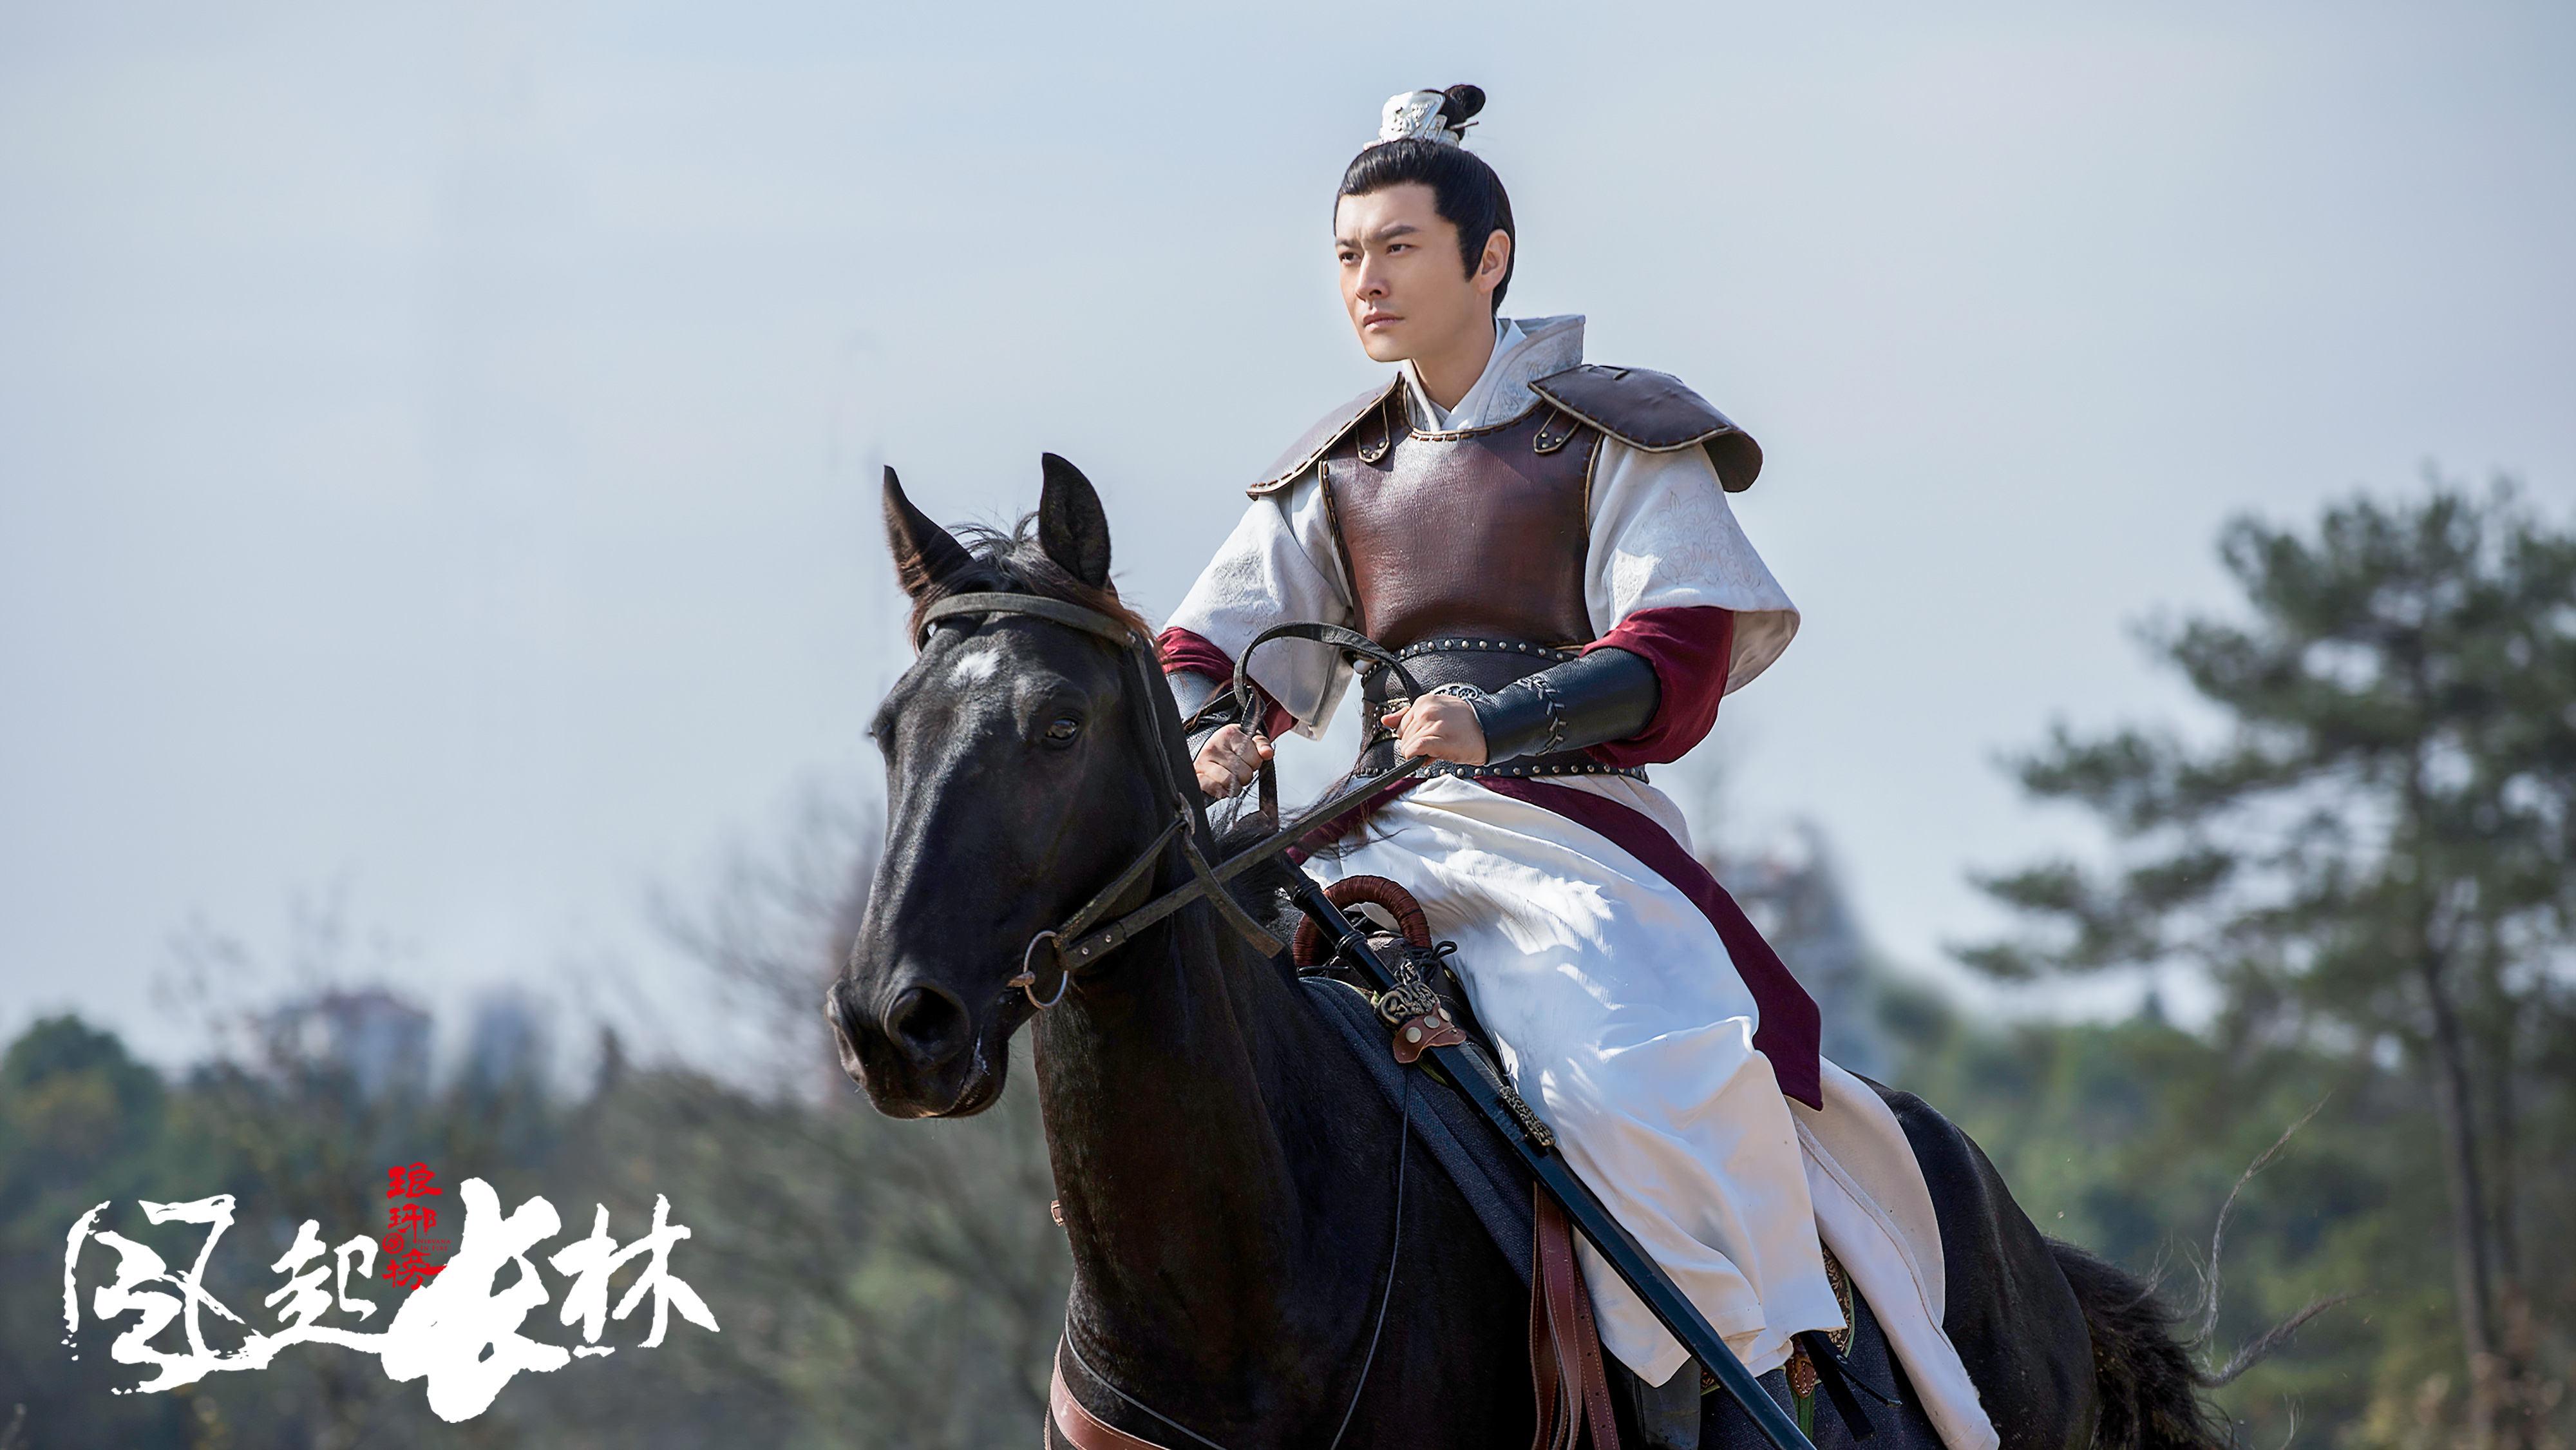 《琅琊榜之风起长林》收官 黄晓明刘昊然演技获赞